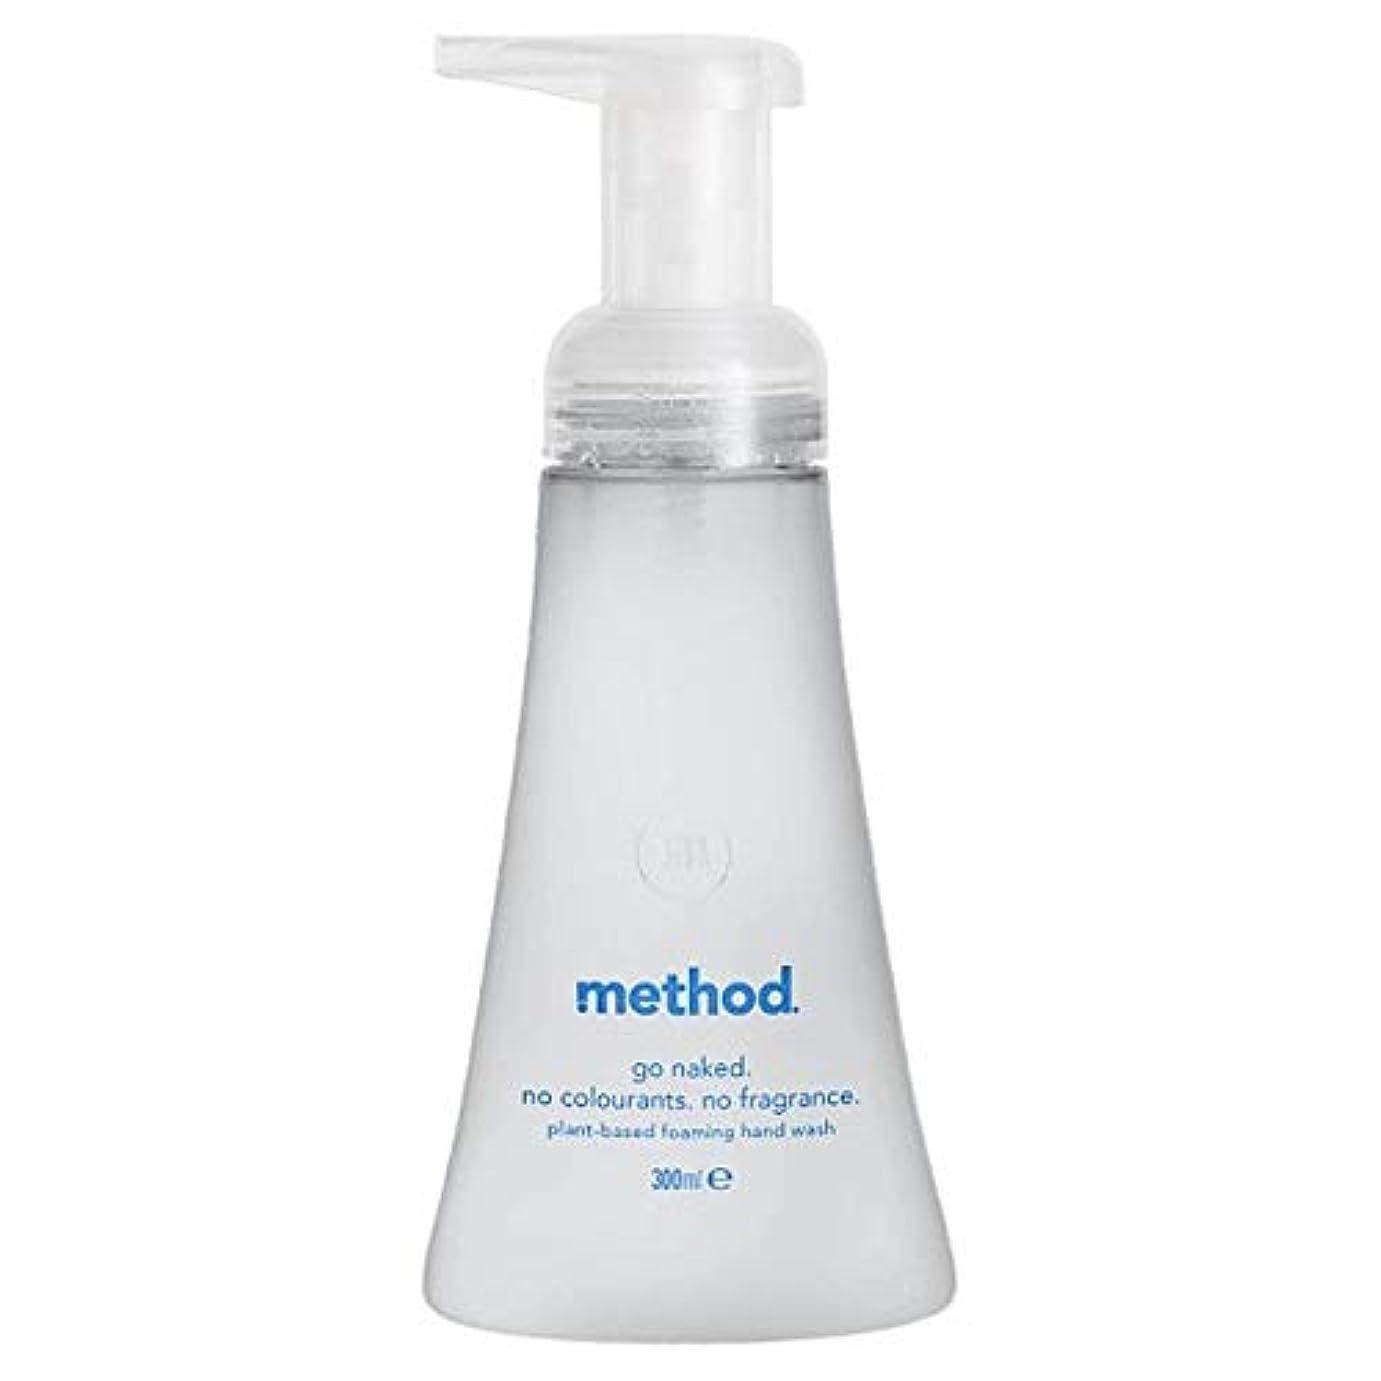 安西コロニアル繁栄[Method ] メソッド裸発泡手洗いの300ミリリットル - Method Naked Foaming Handwash 300Ml [並行輸入品]